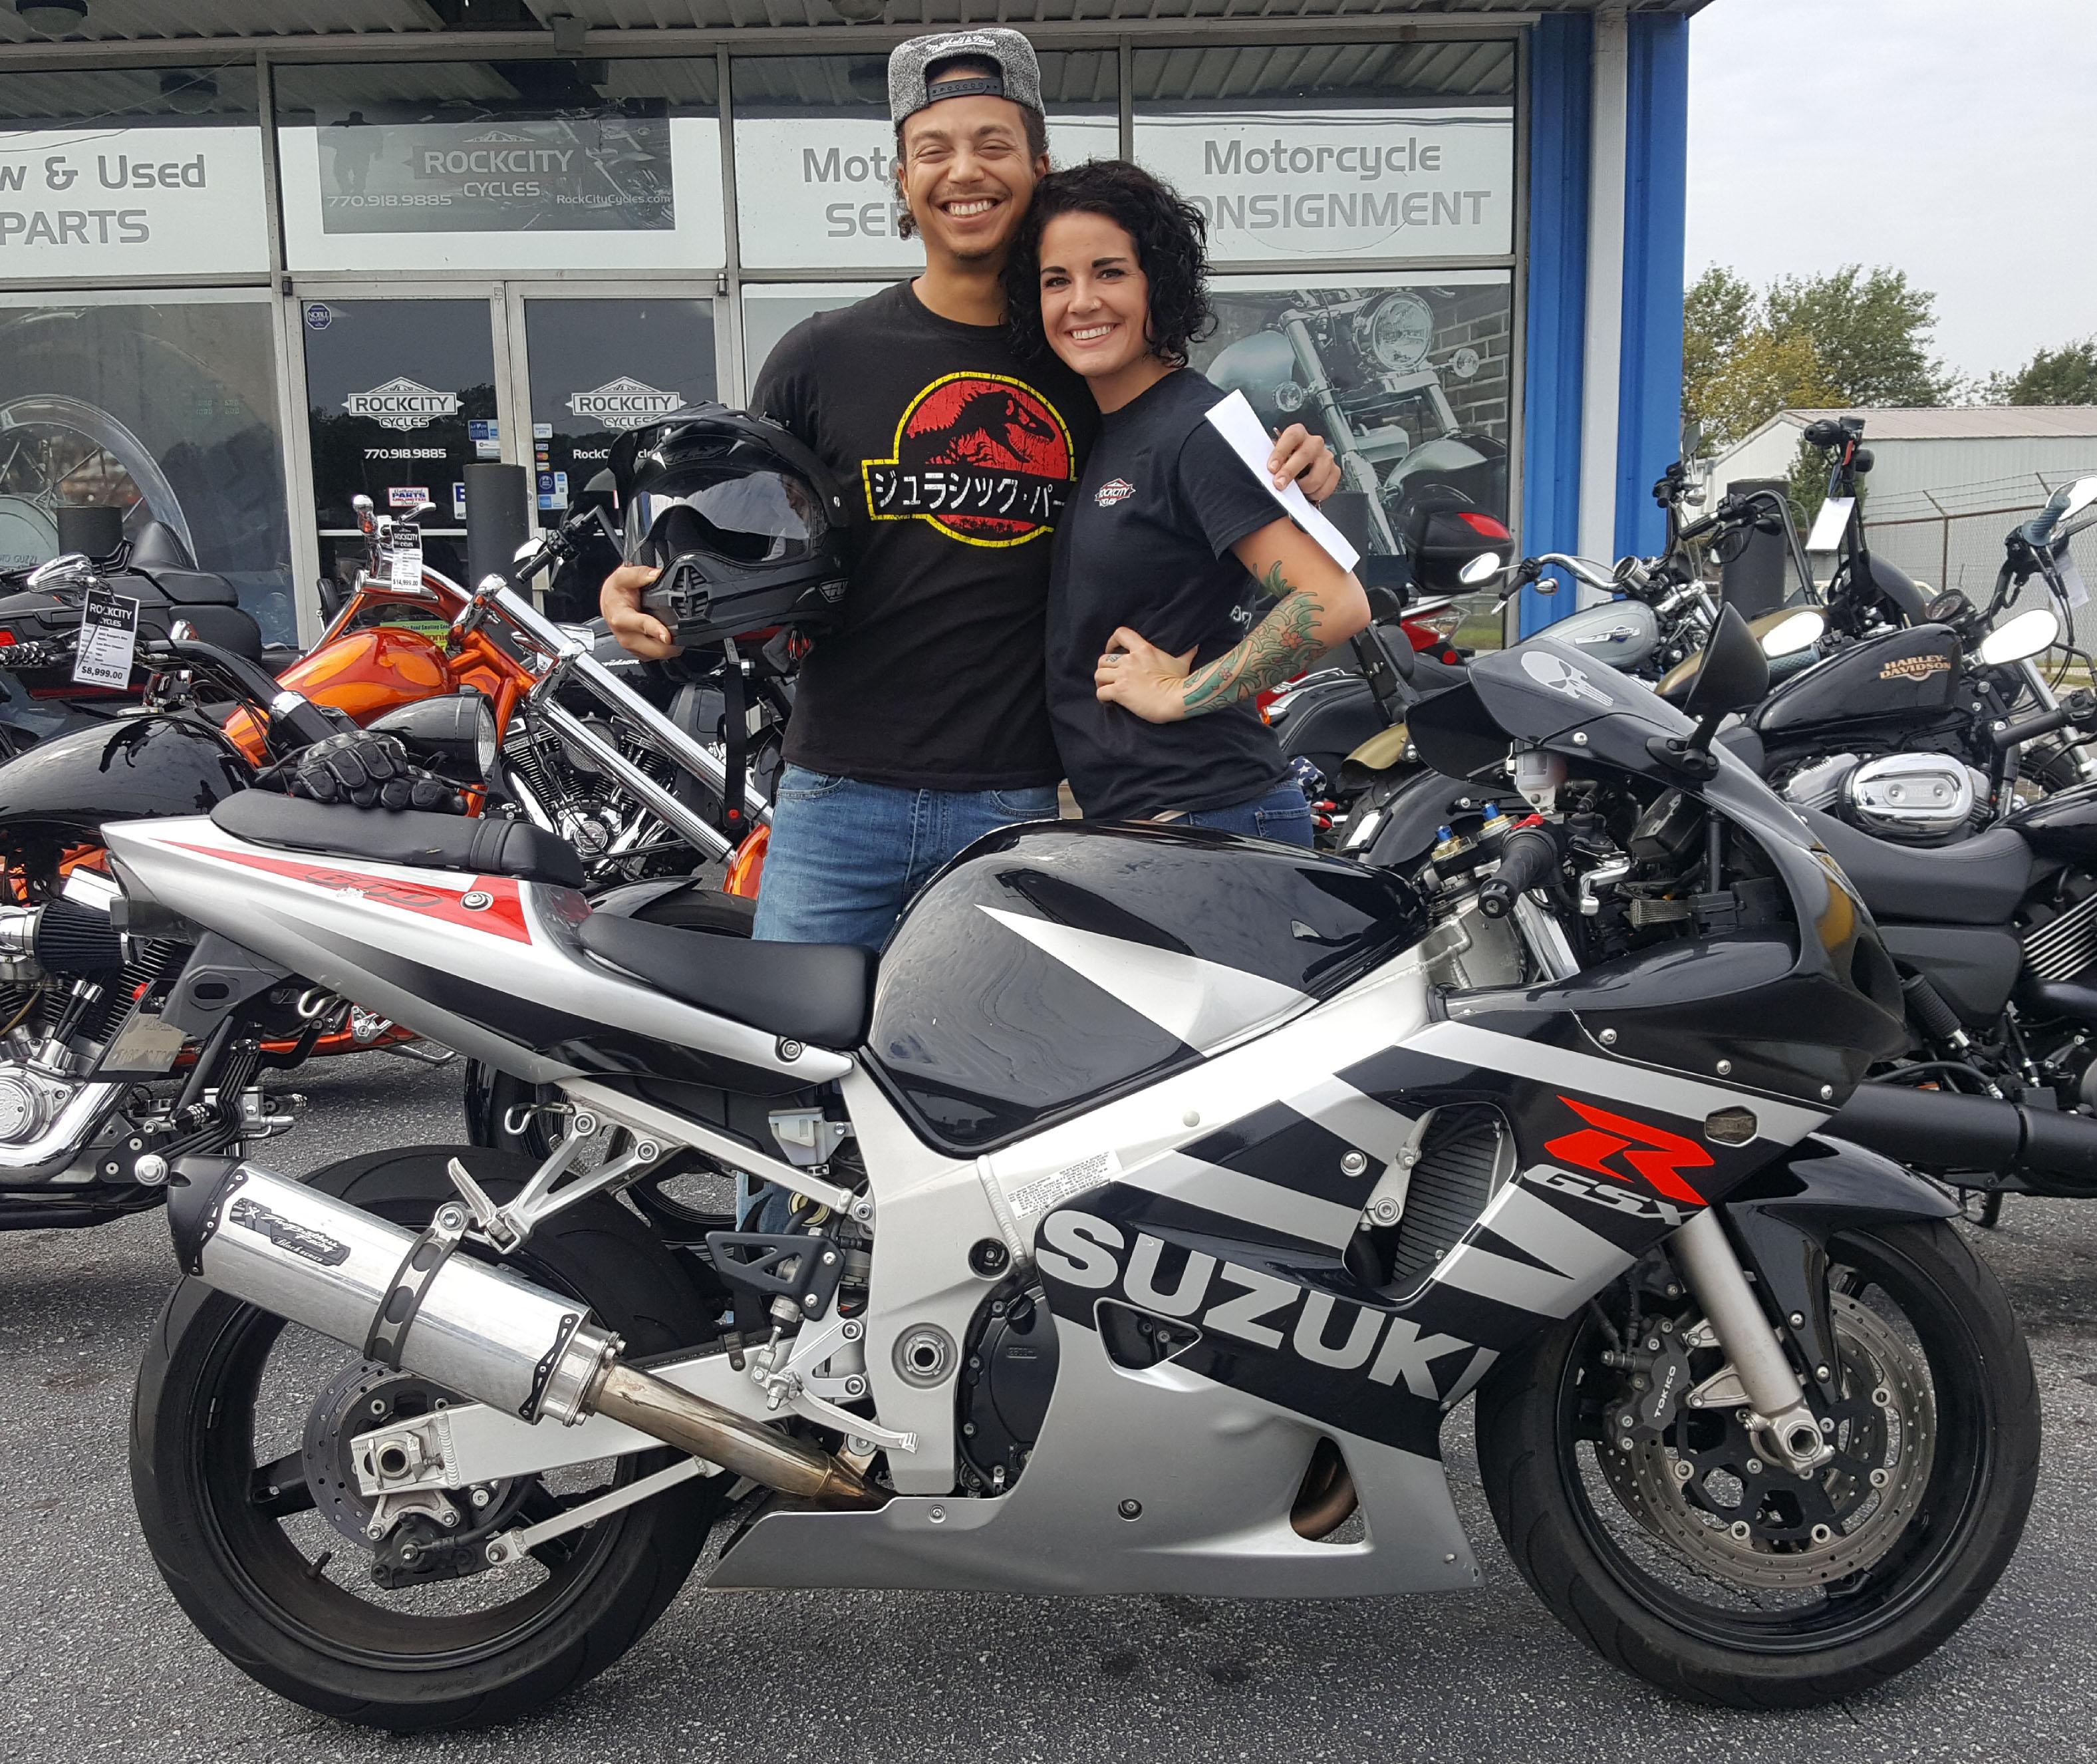 Patrick M. with his 2003 Suzuki GSX-R600